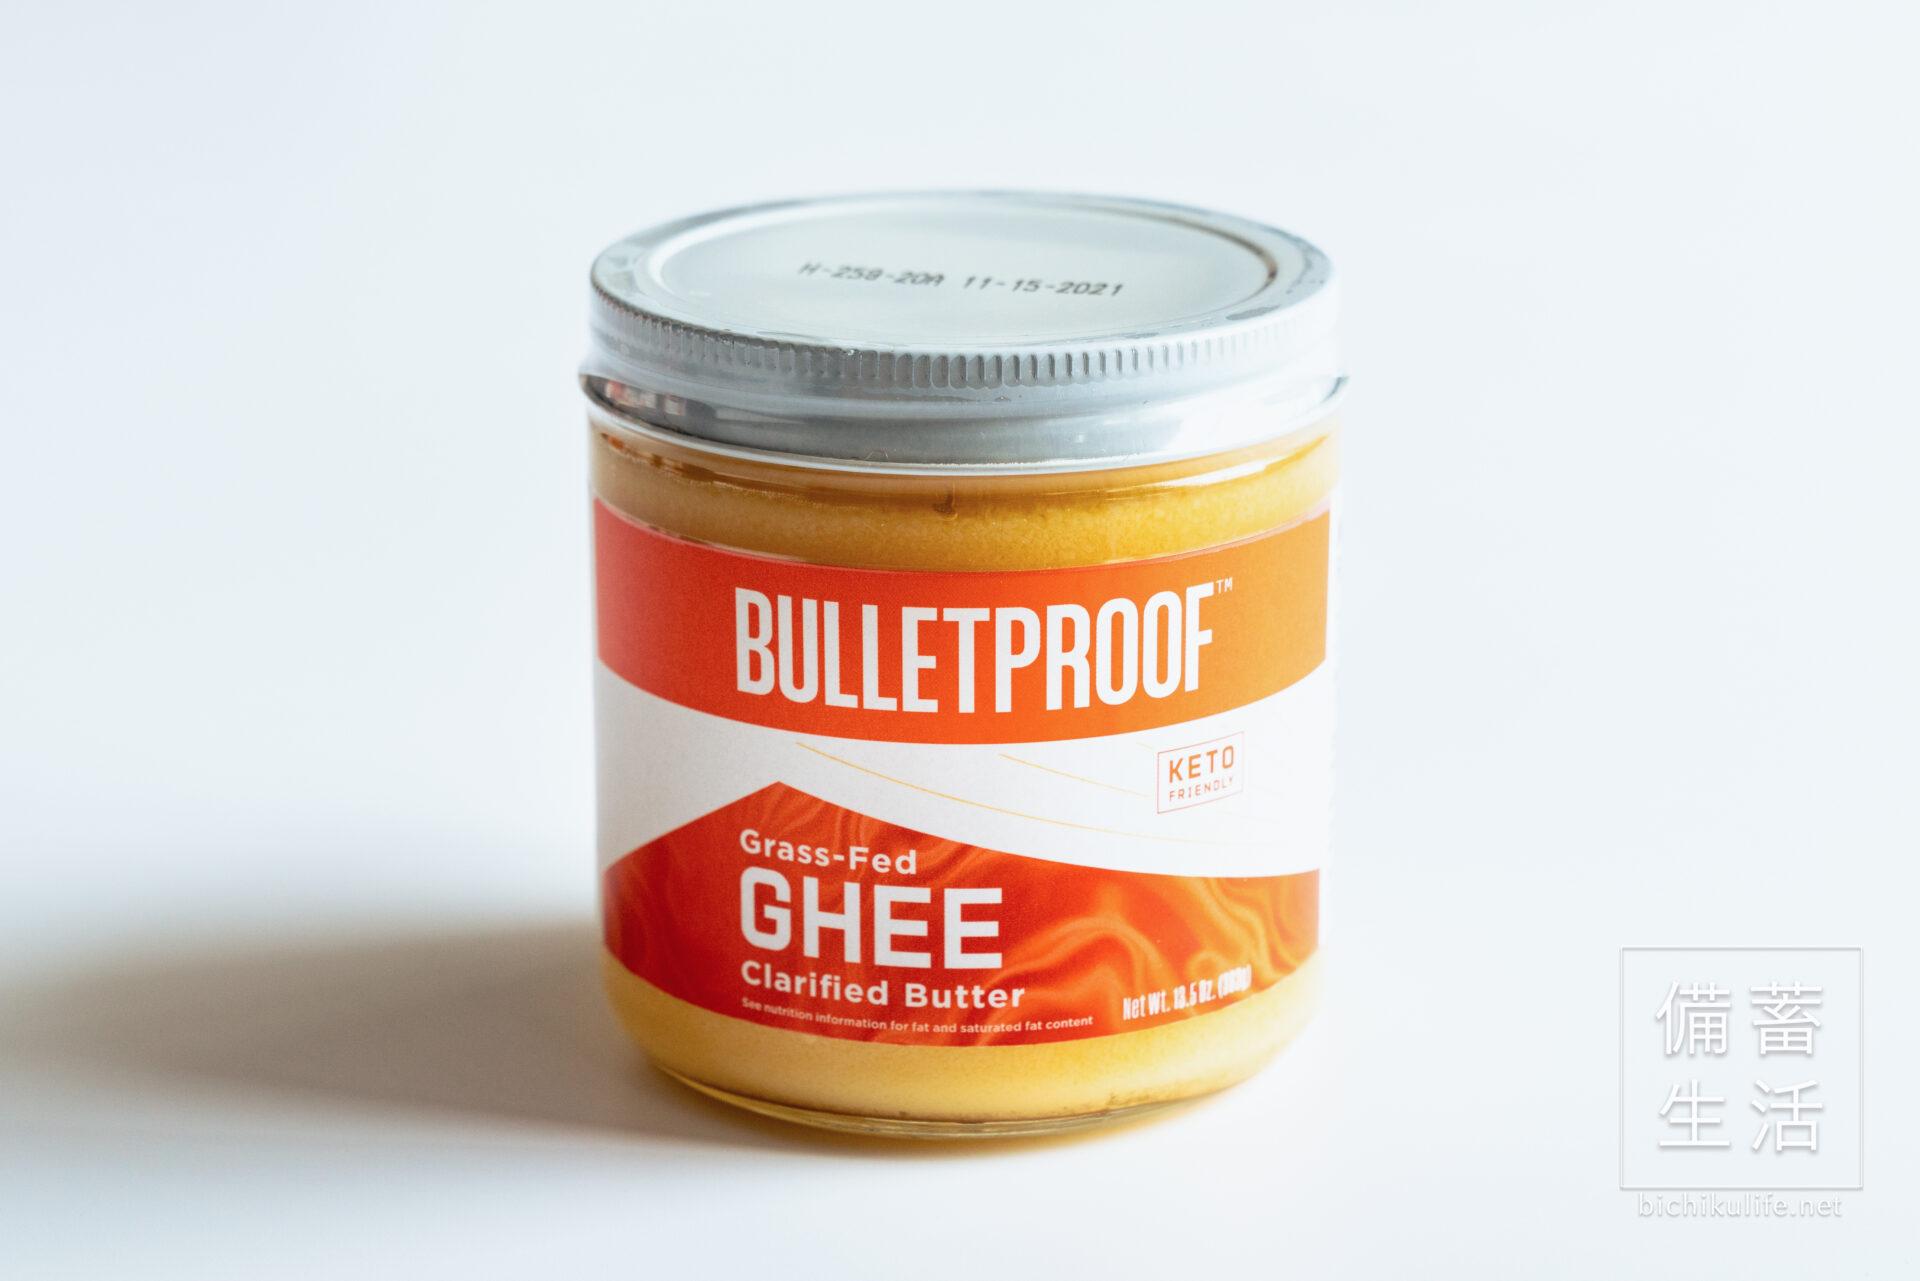 Bulletproofのグラスフェッドギー Grass-fed Ghee(澄ましバター)